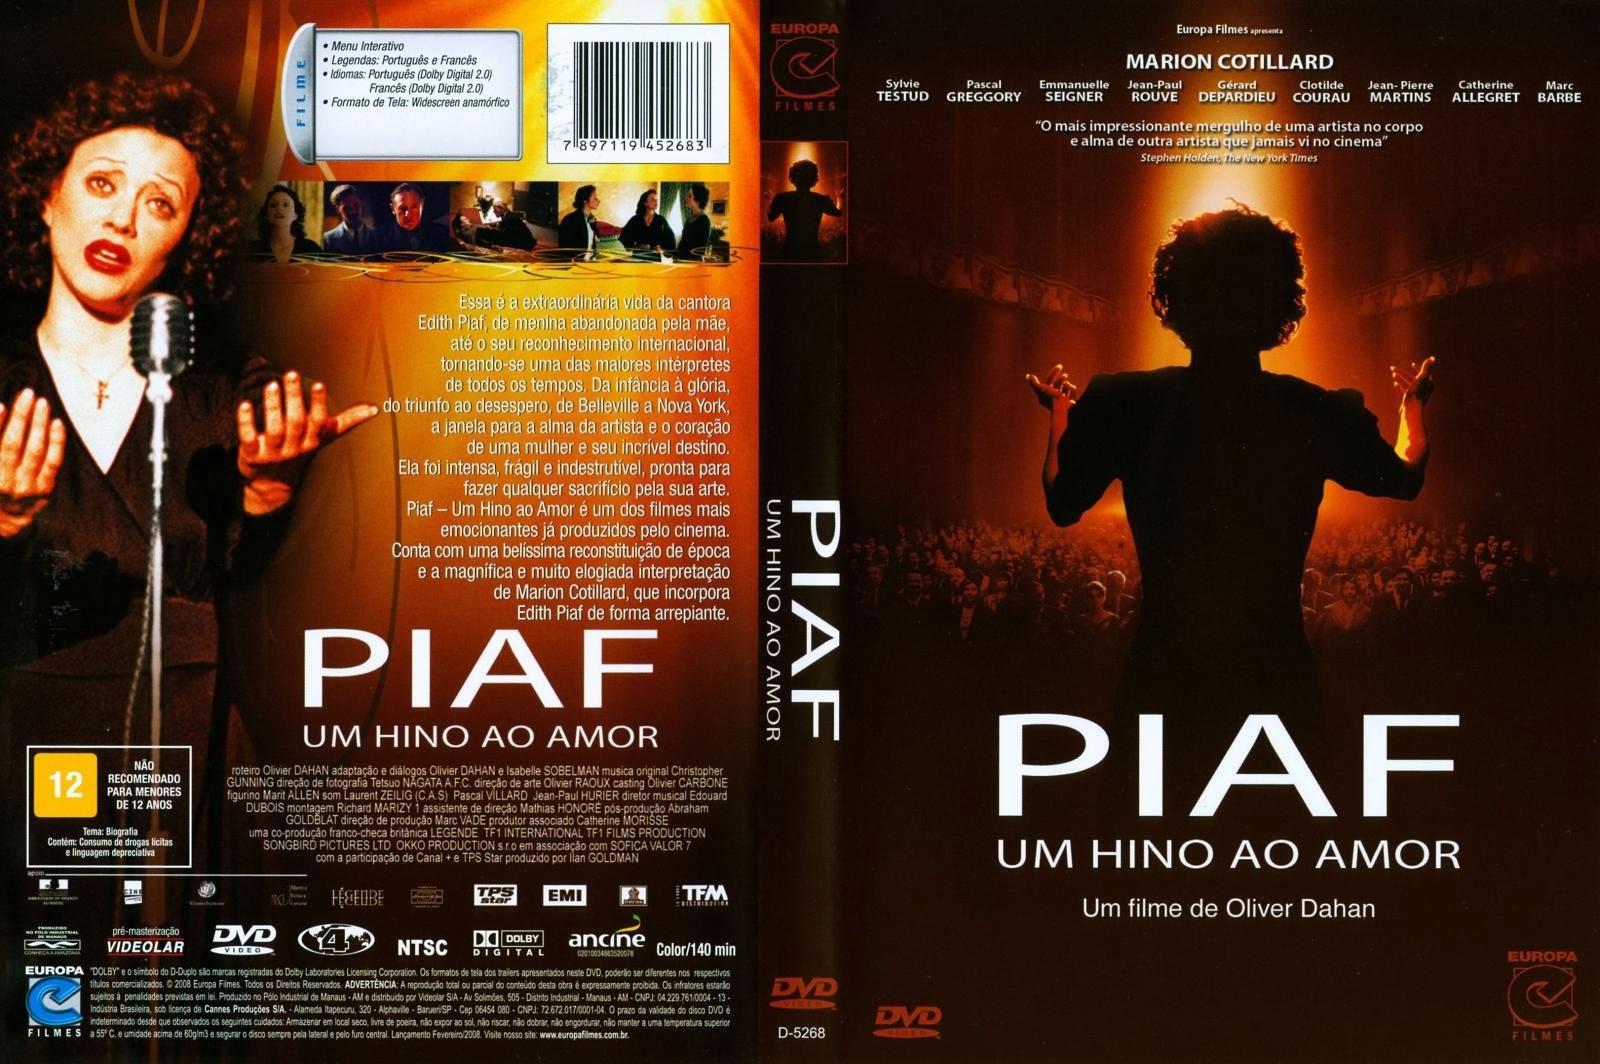 1067º - PIAF, UM HINO AO AMOR (2007)